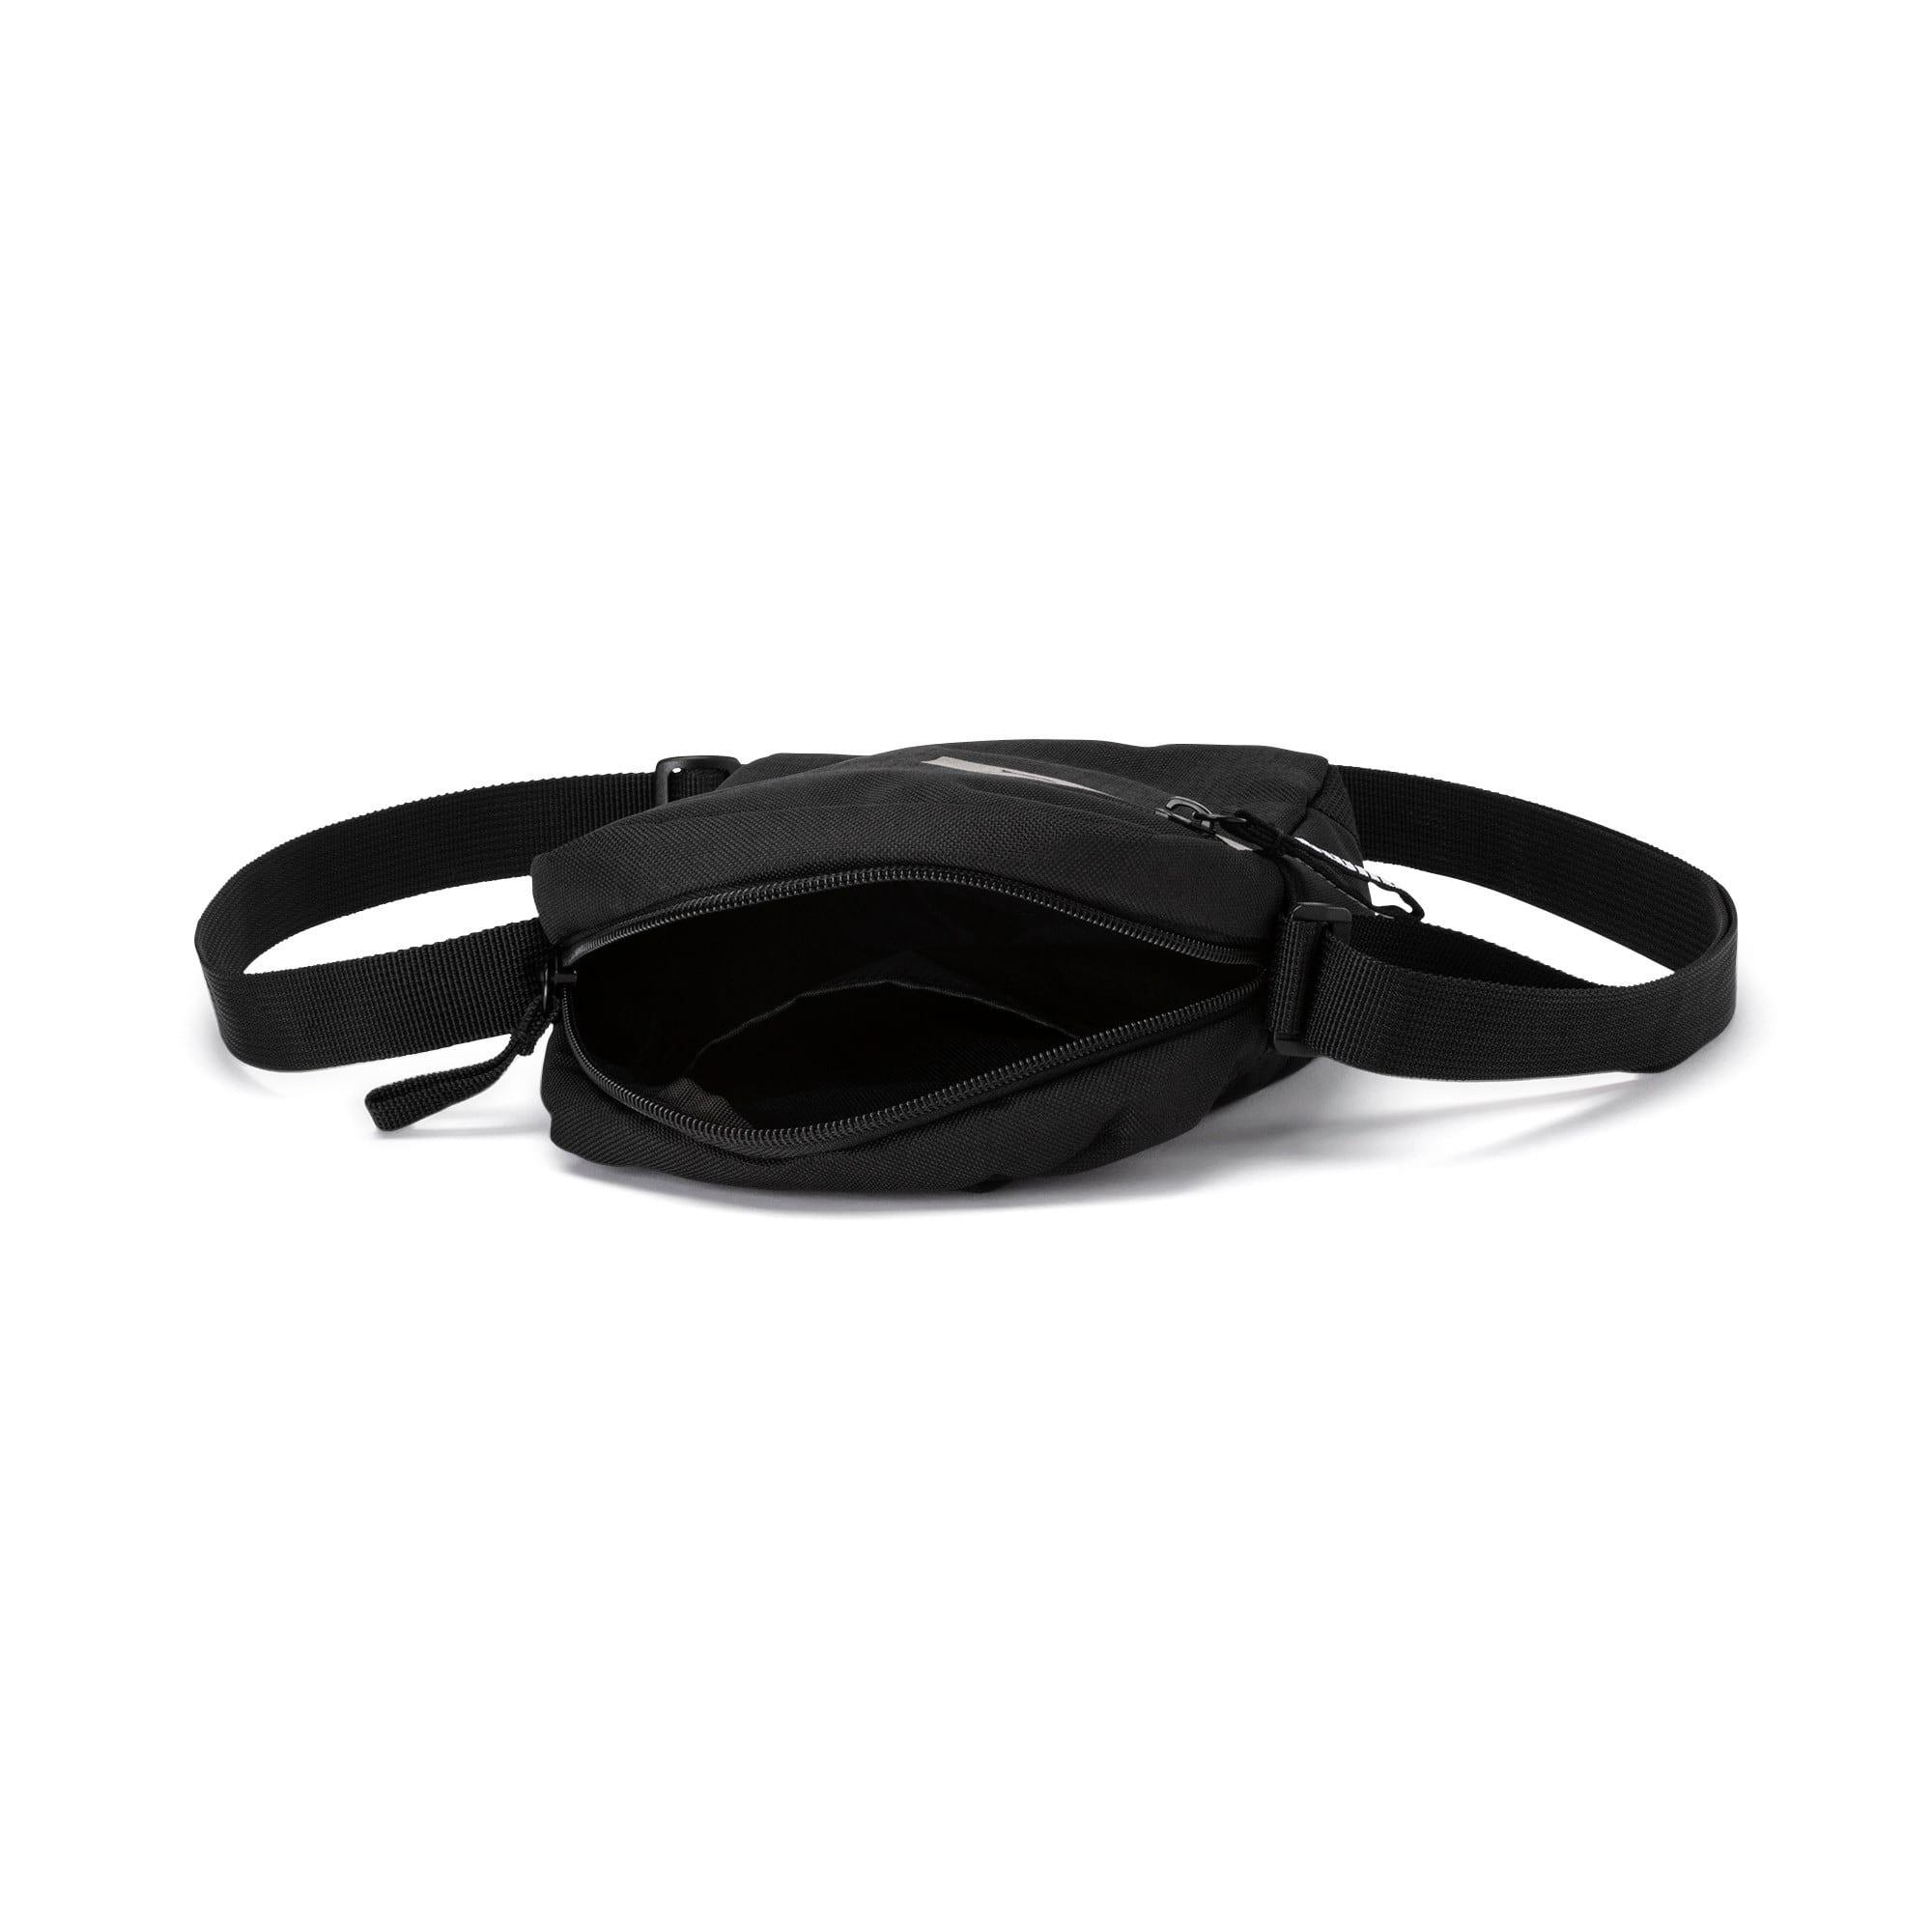 Thumbnail 3 of PUMA Vibe Portable Shoulder Bag, Puma Black, medium-IND